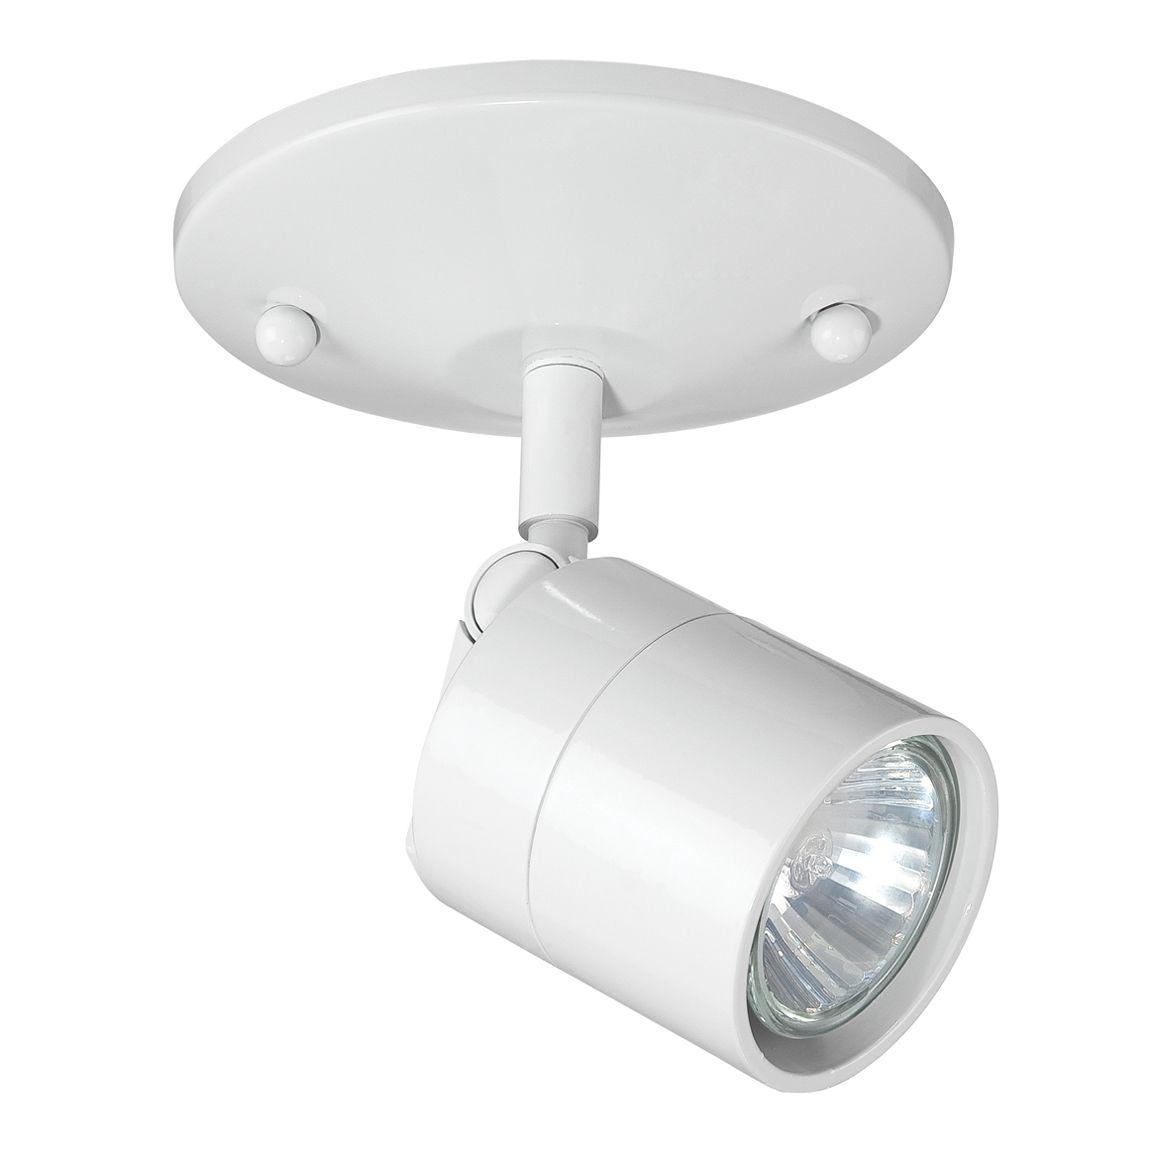 Directional Spot Lighting